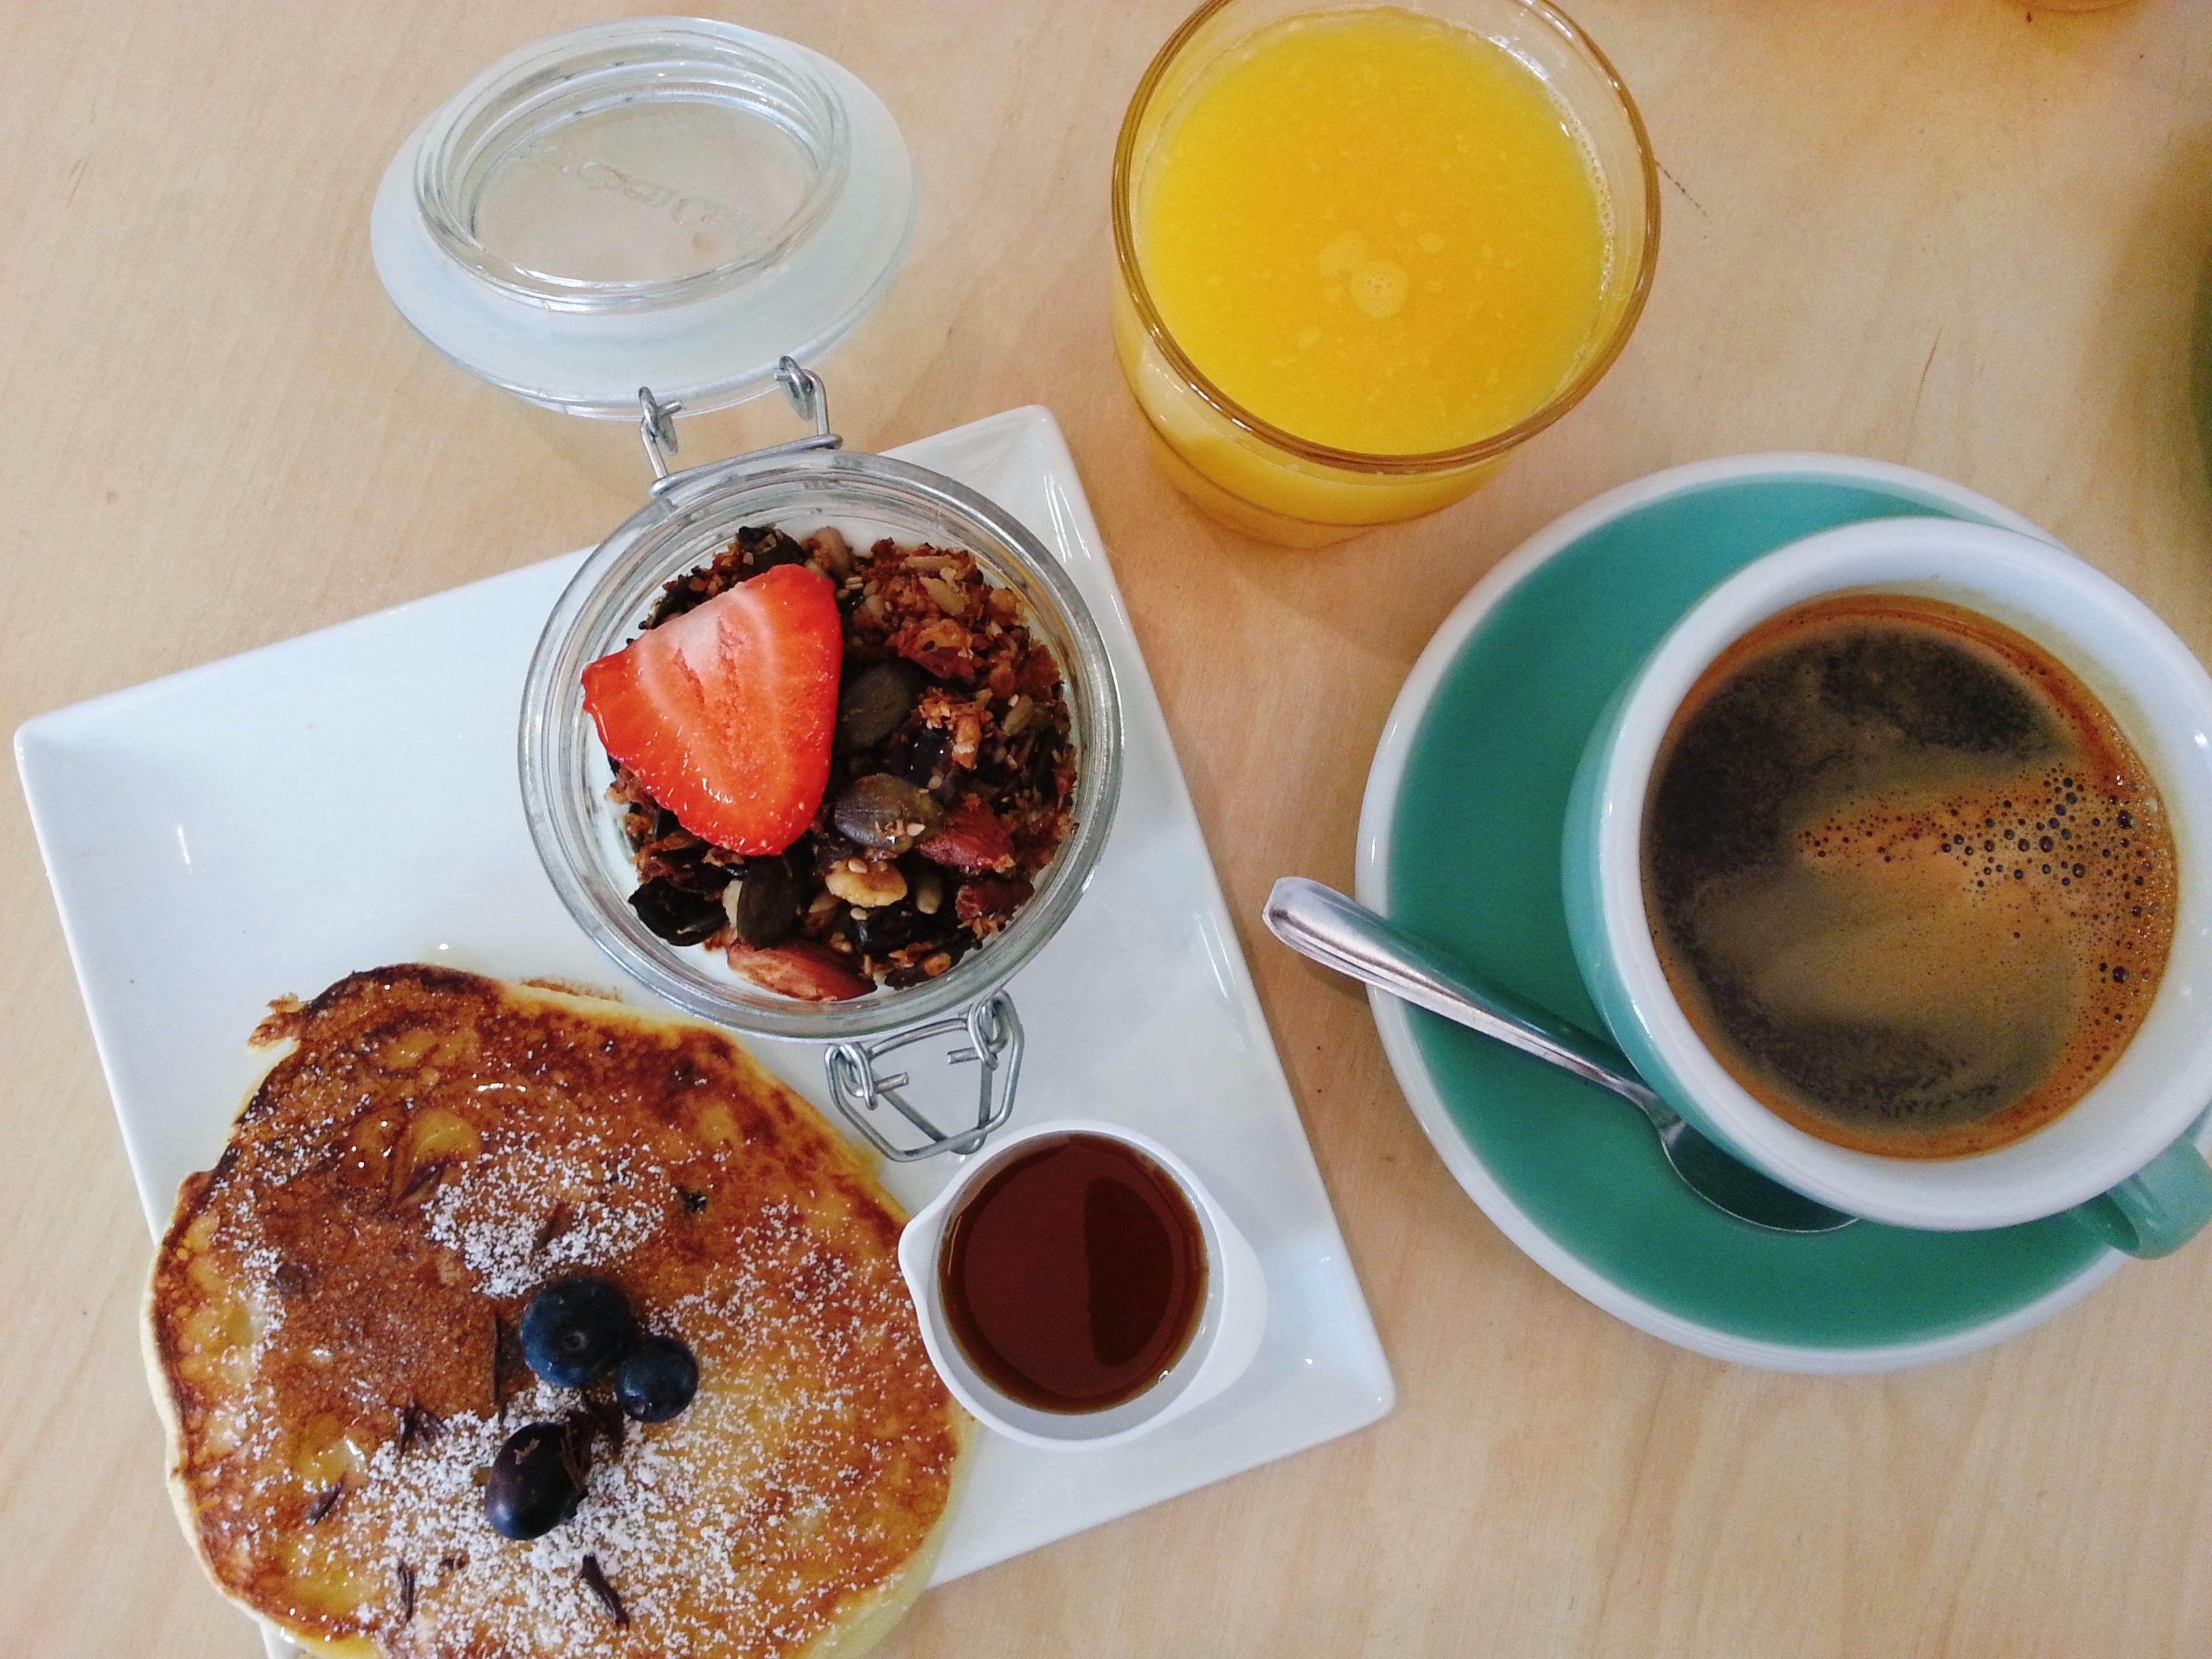 le tigre coffee shop lyon petit déjeuner granola pancakes jus d'orange café belleville